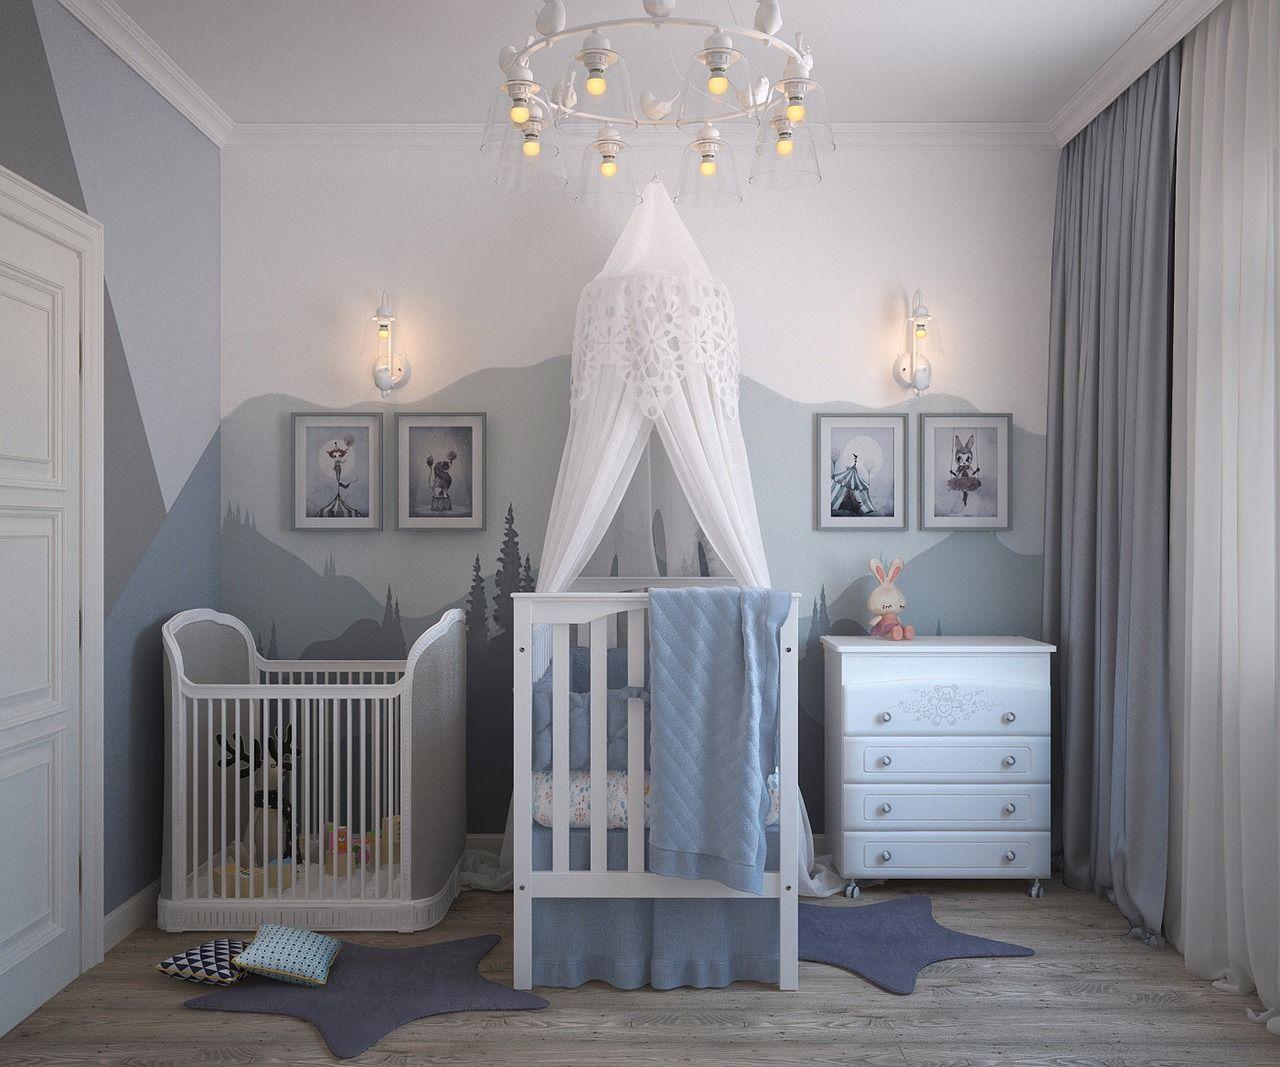 Meblowanie pokoju dziecka – sposoby zapewnienia mu spokojnego snu